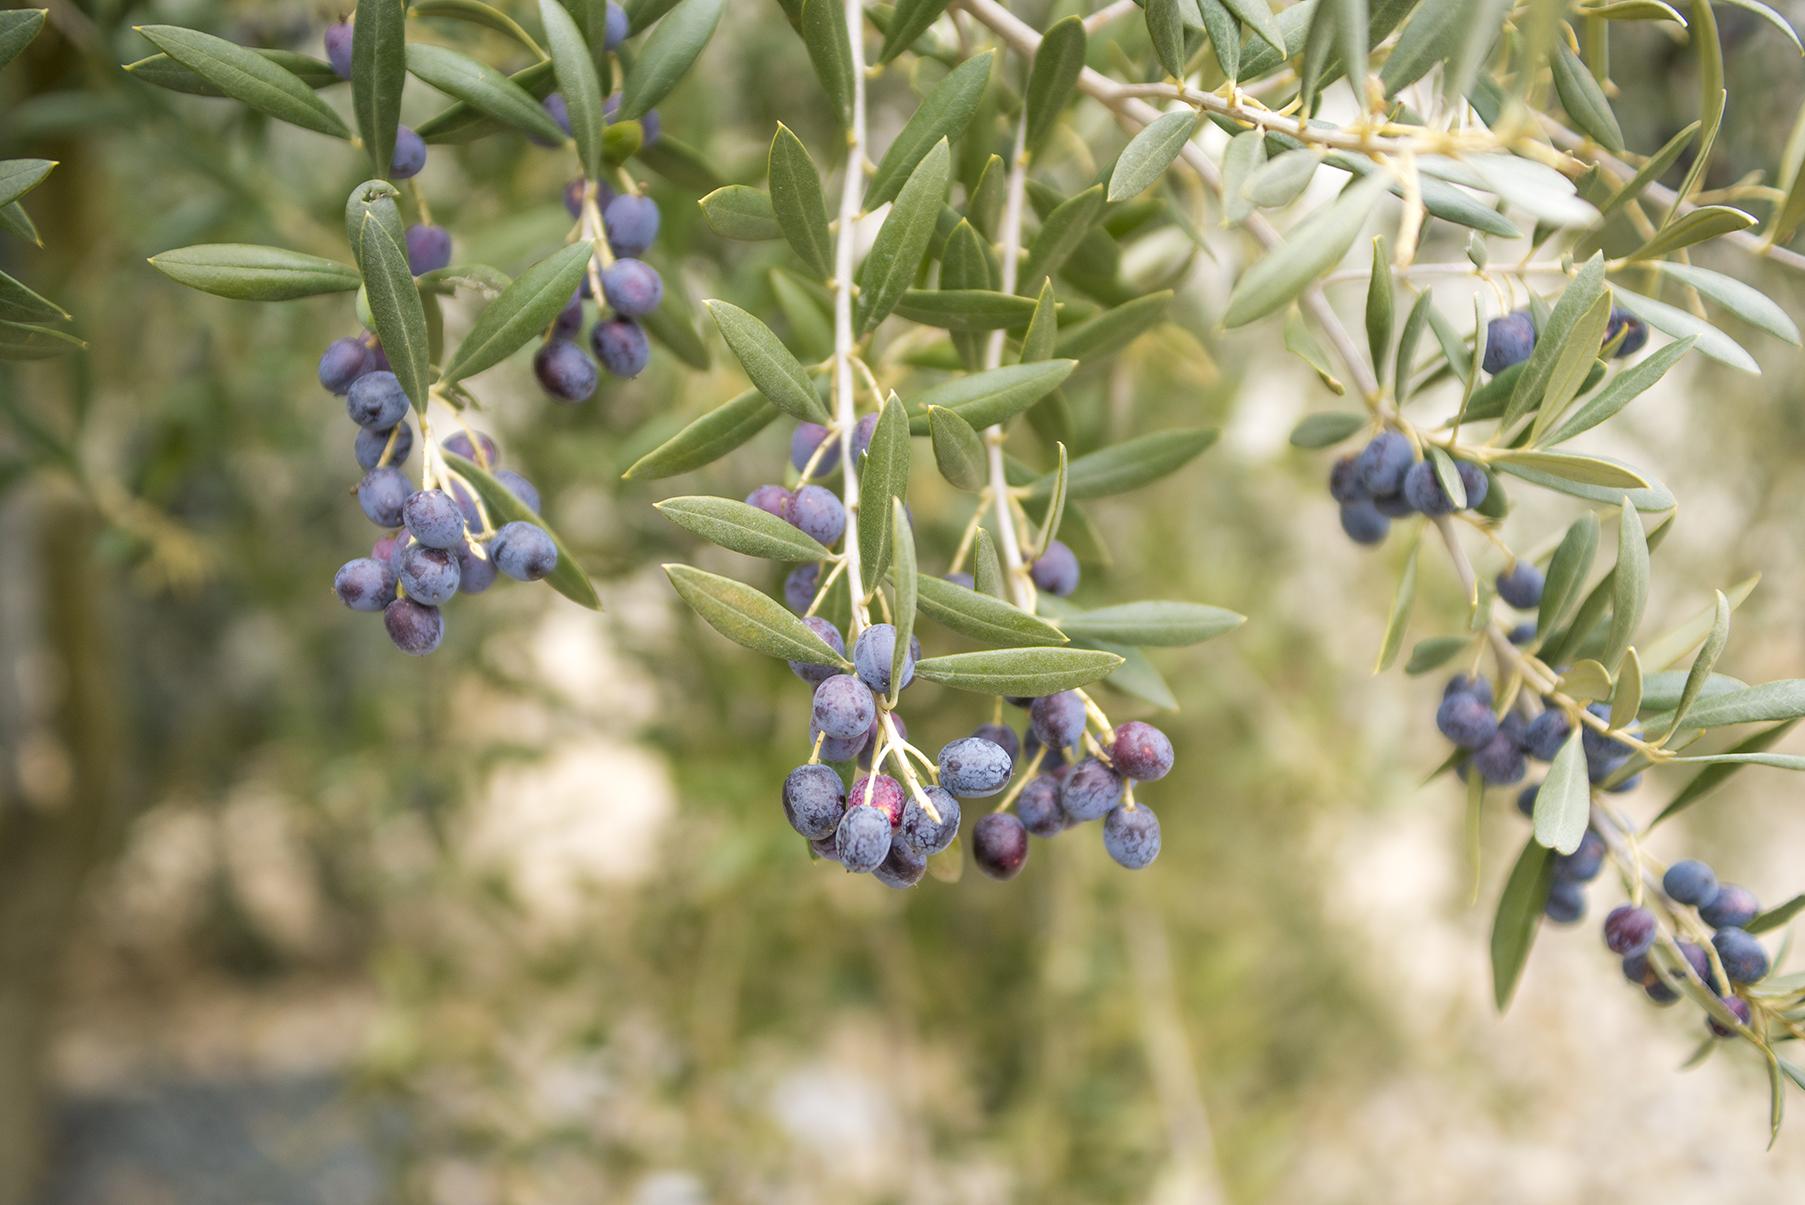 Fotografía de olivo para contextualizar el diseño de etiquetas aceite de oliva olivogobeo